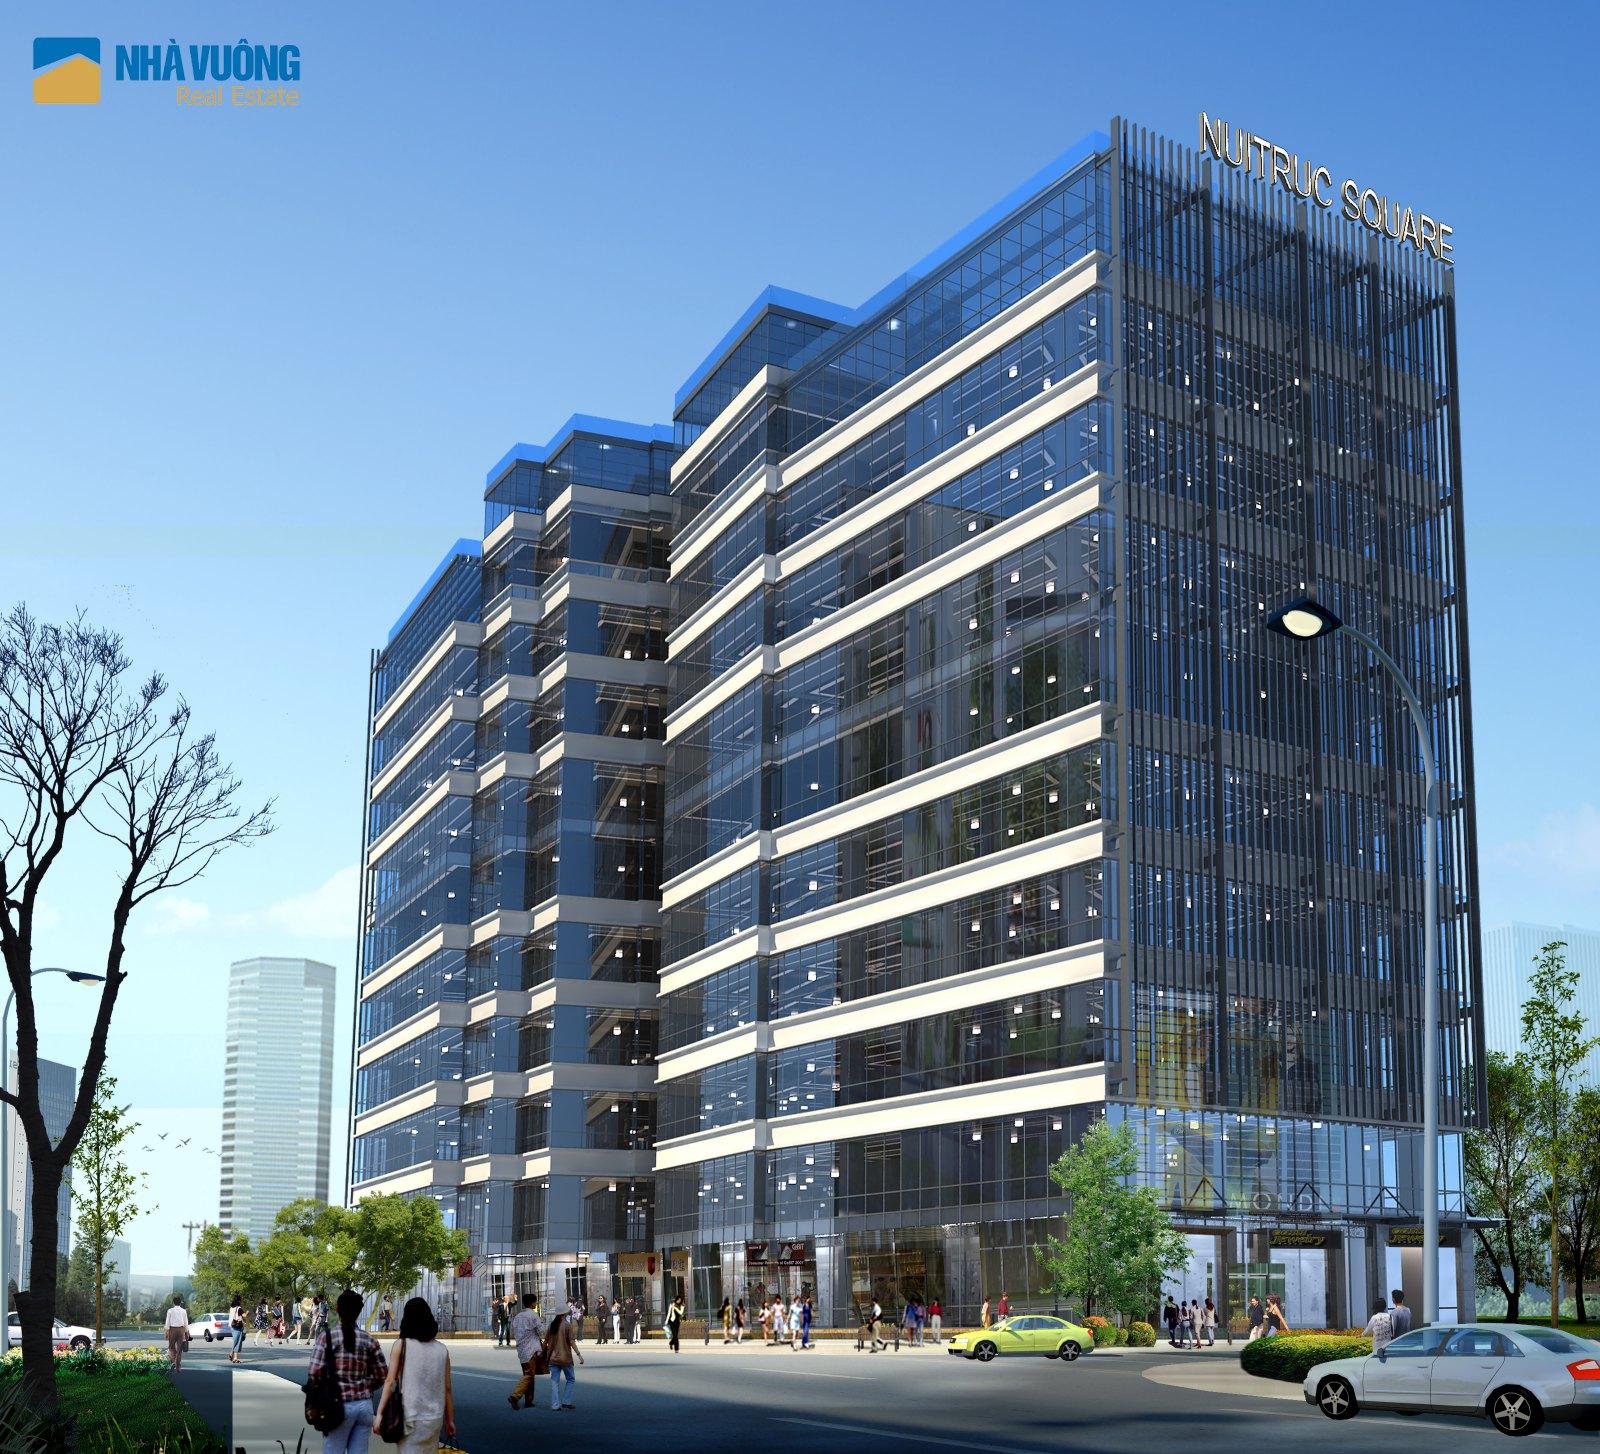 Nhà vuông phân phối chính thức dự án Núi Trúc Square